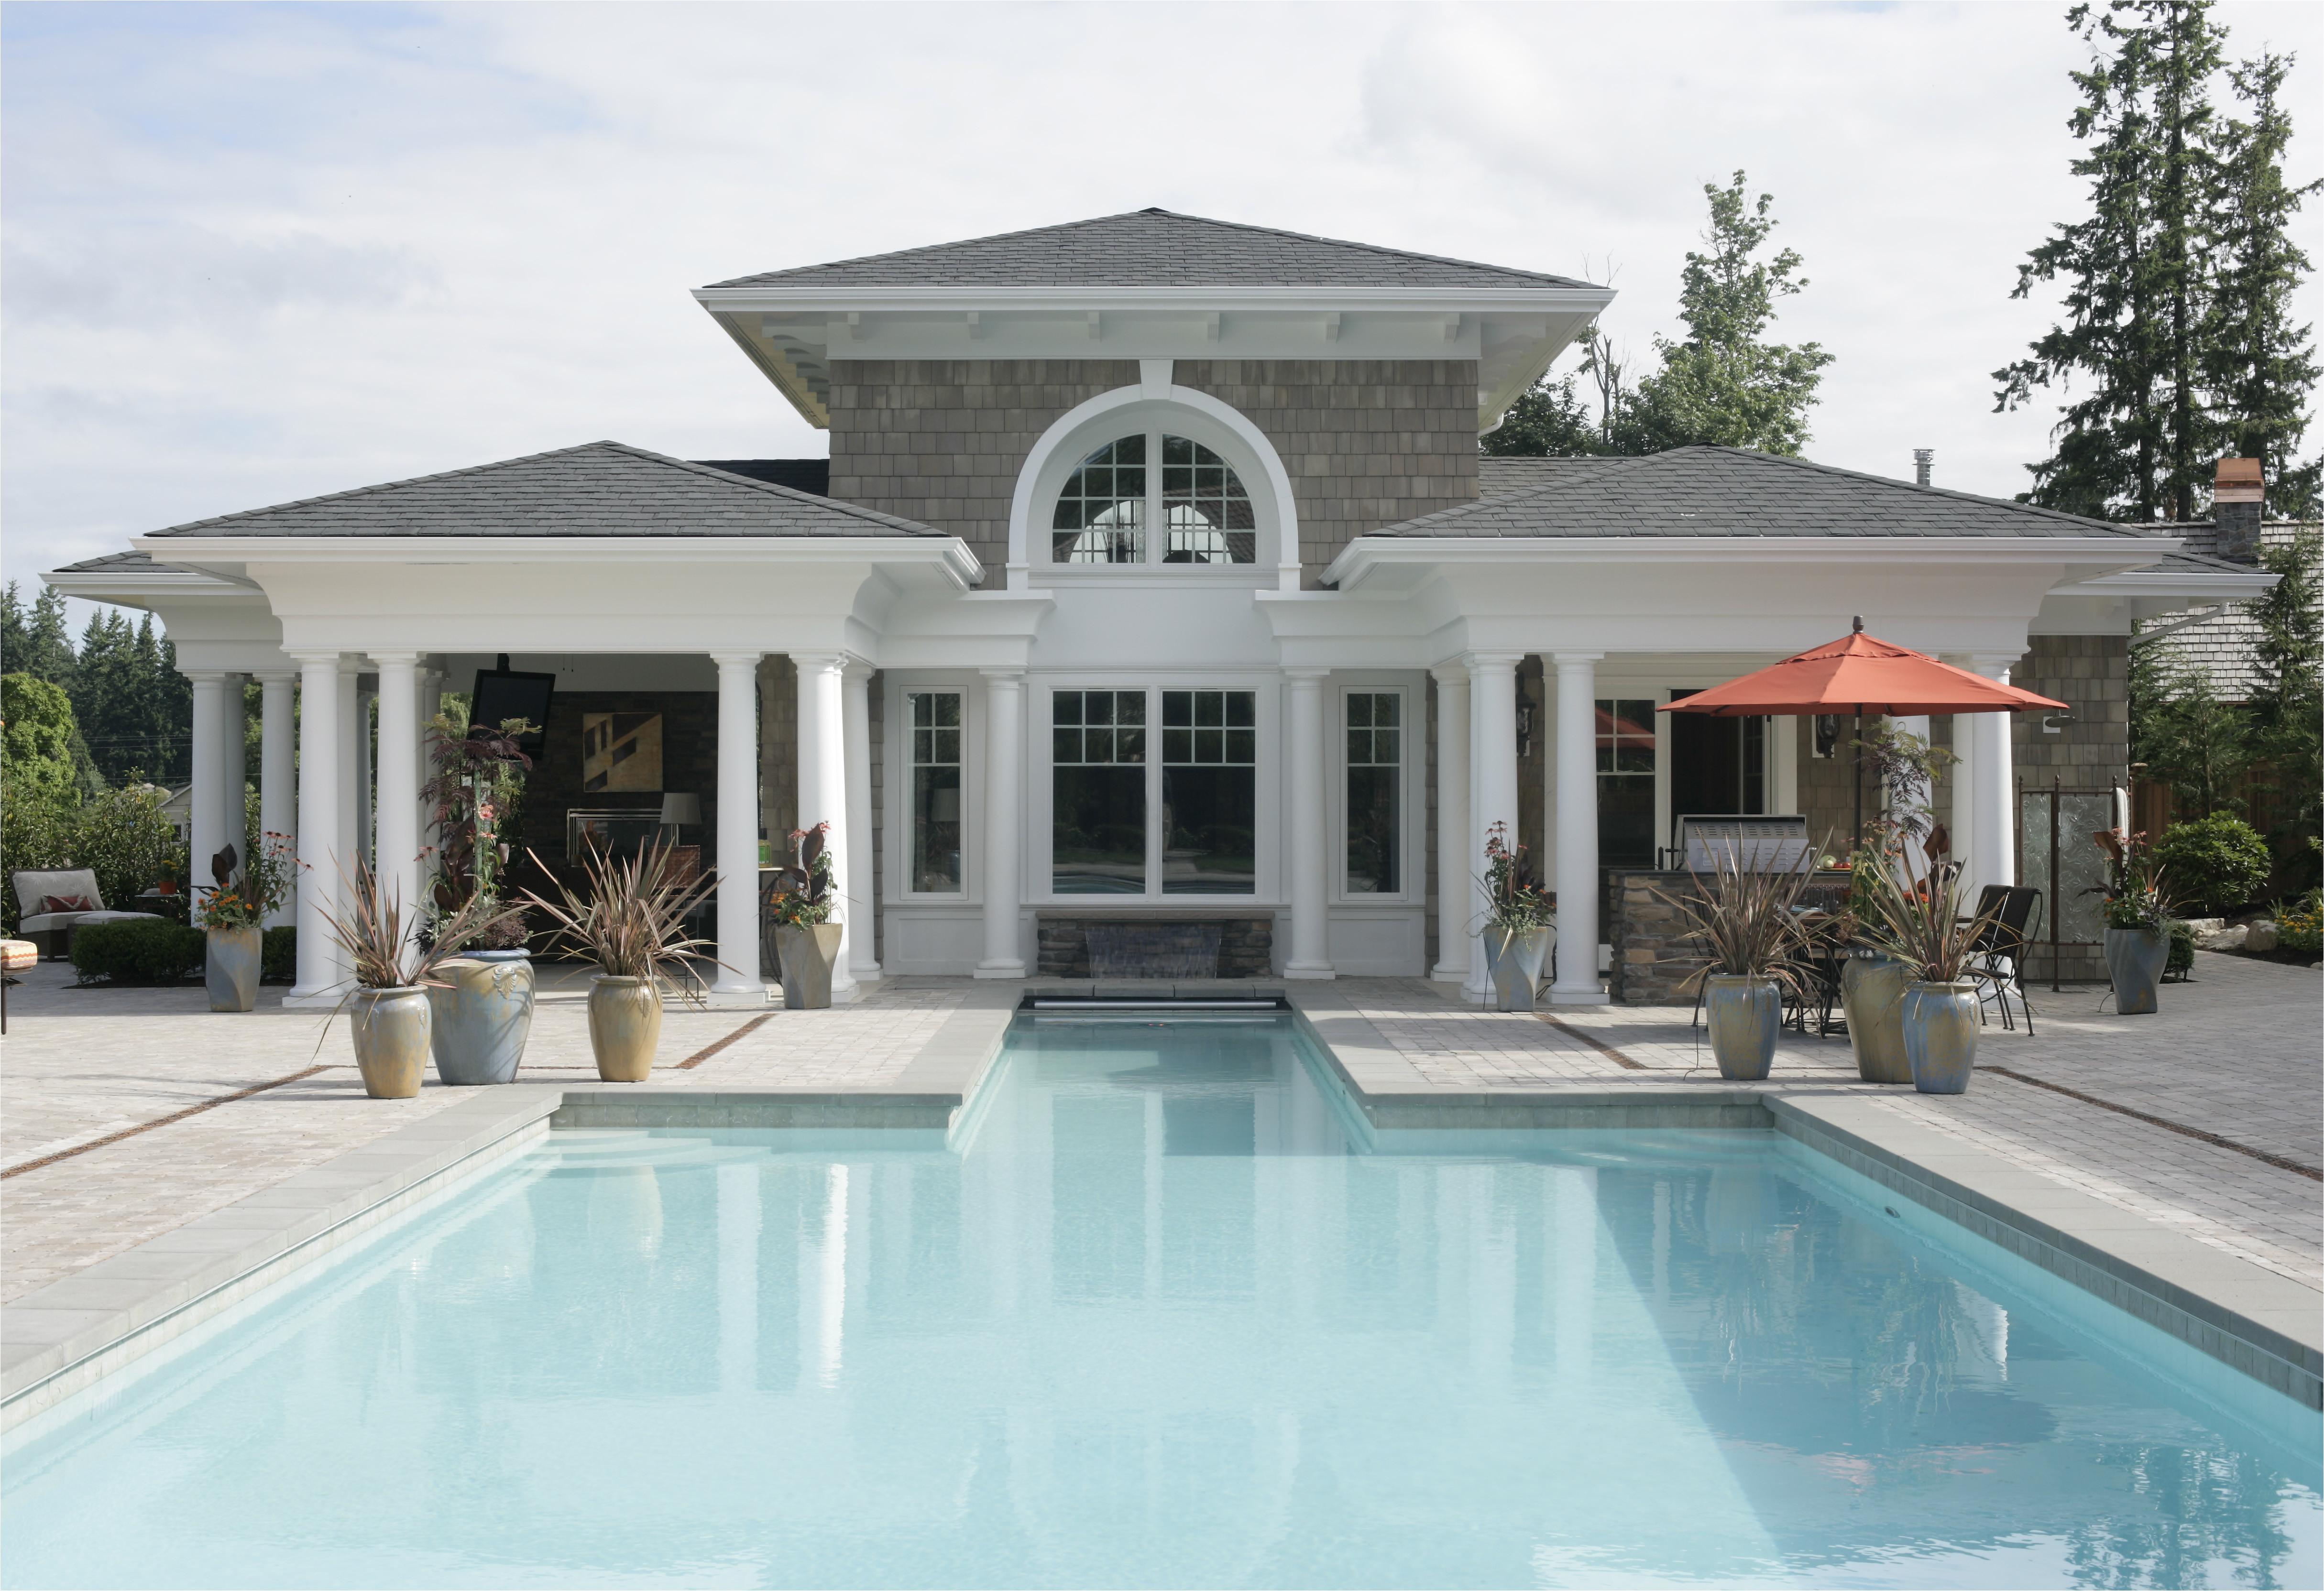 viviendas de lujo luxury homes